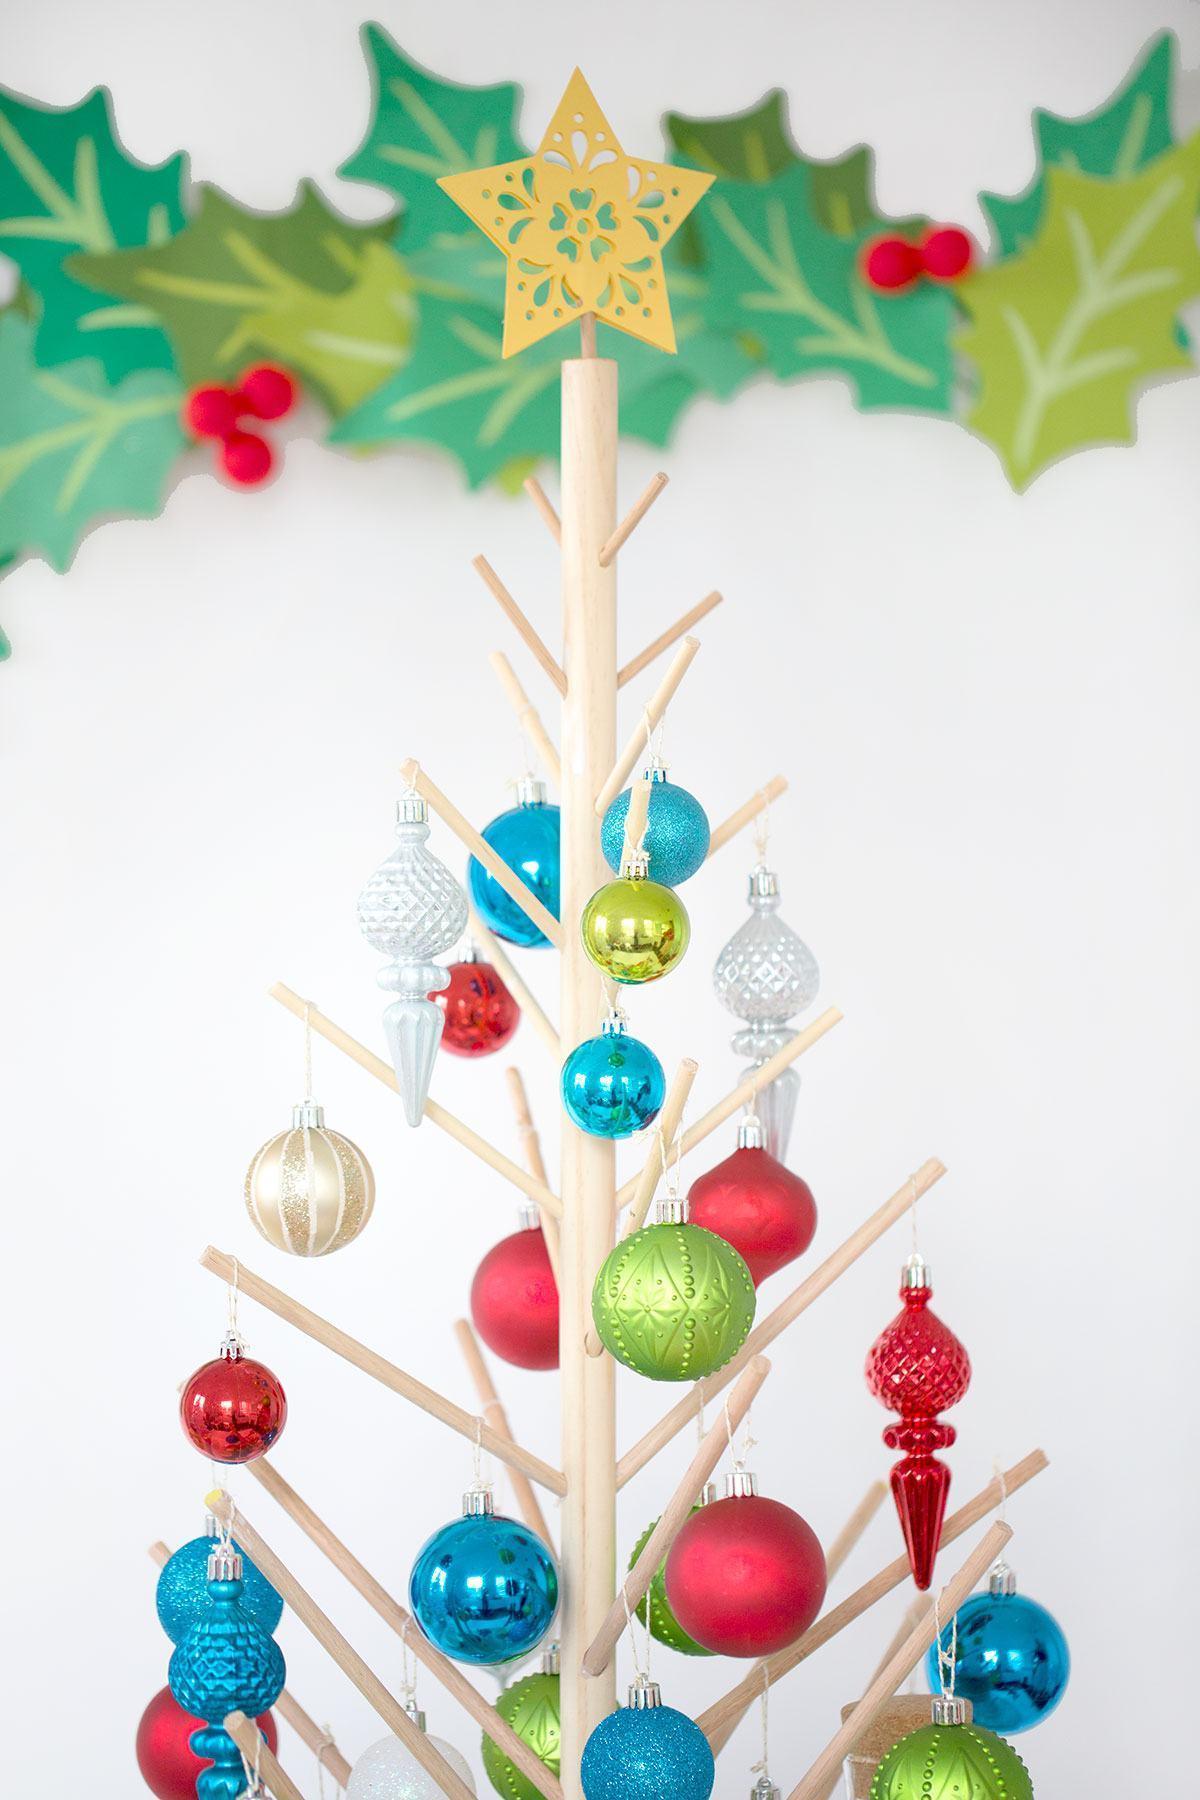 Árvore de Natal de madeira clara com estrela amarela e bolinhas coloridas penduradas